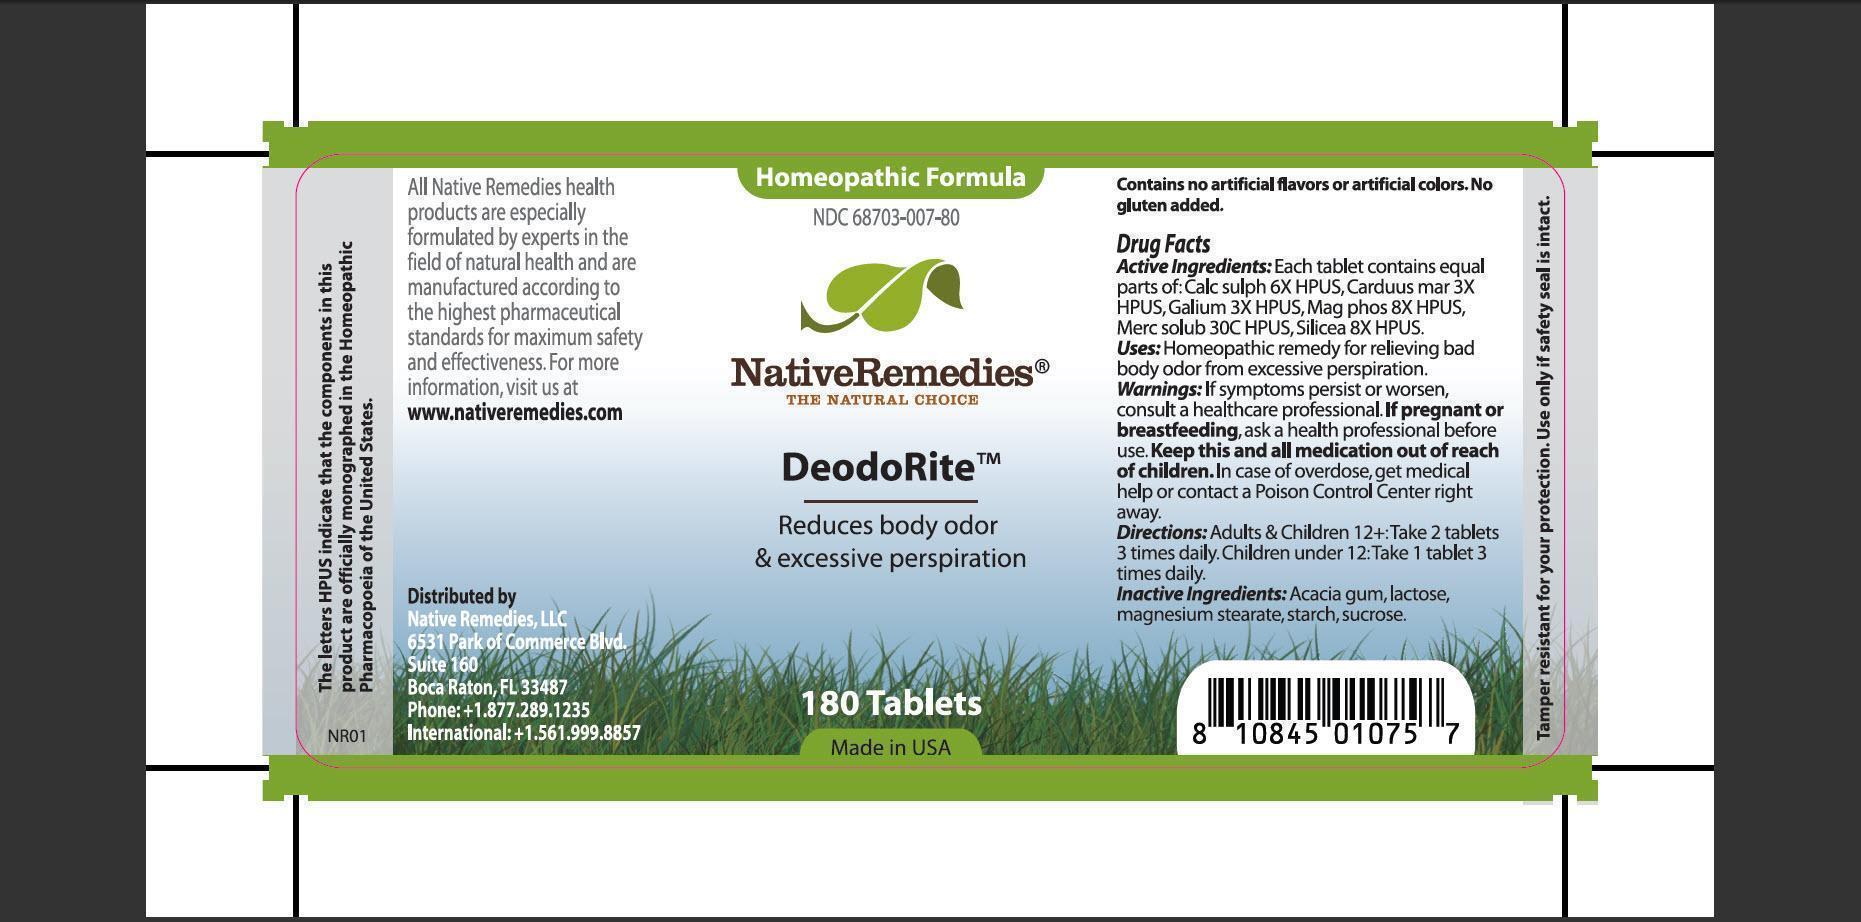 Deodorite (Calc Sulph, Carduus Mar, Galium, Mag Phos, Merc Solub, Silicea, Acacia Gum, Lactose, Magnesium Stearate, Starch, Sucrose) Tablet [Native Remedies Llc]